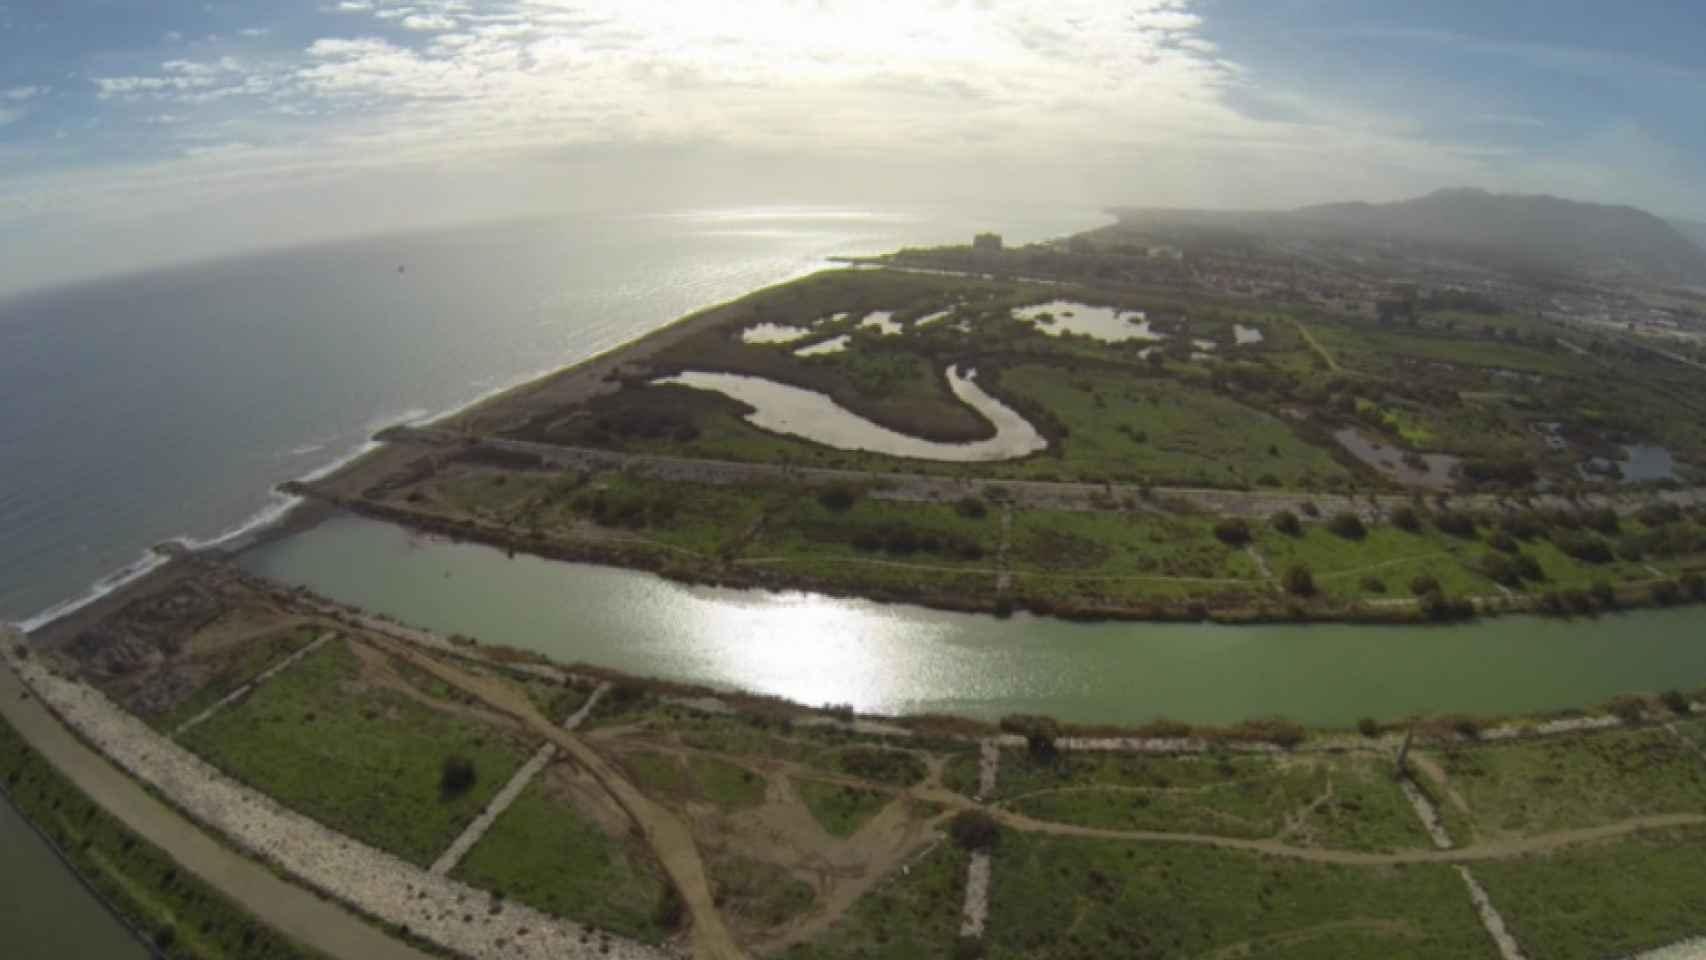 En el estuario del Guadalhorce existen evidencias de poblaciones fenicias